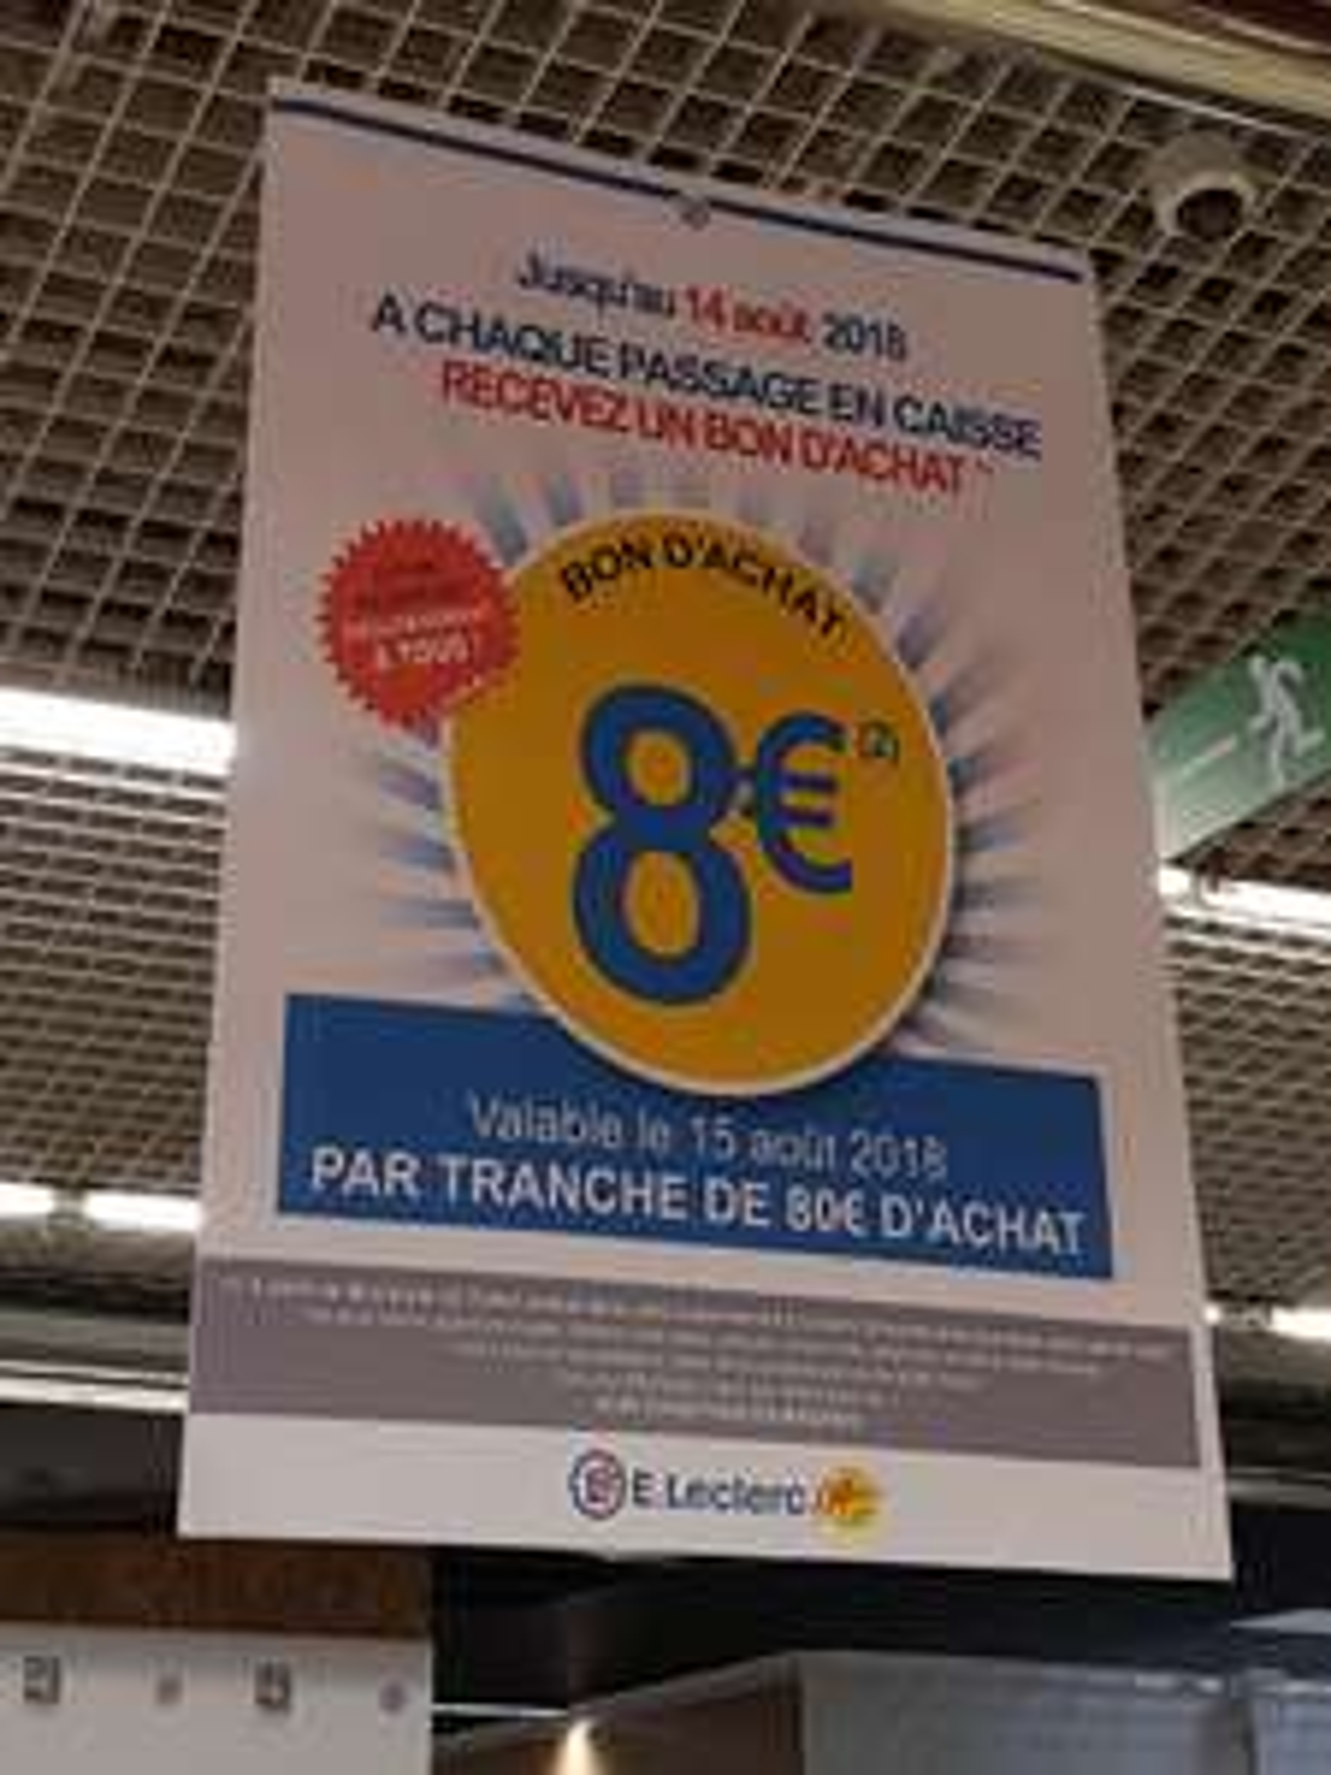 Bon d'achat de 8 euros de réduction dès 80€ d'achats pour chaque passage en caisse - Saint-Aunès (34)